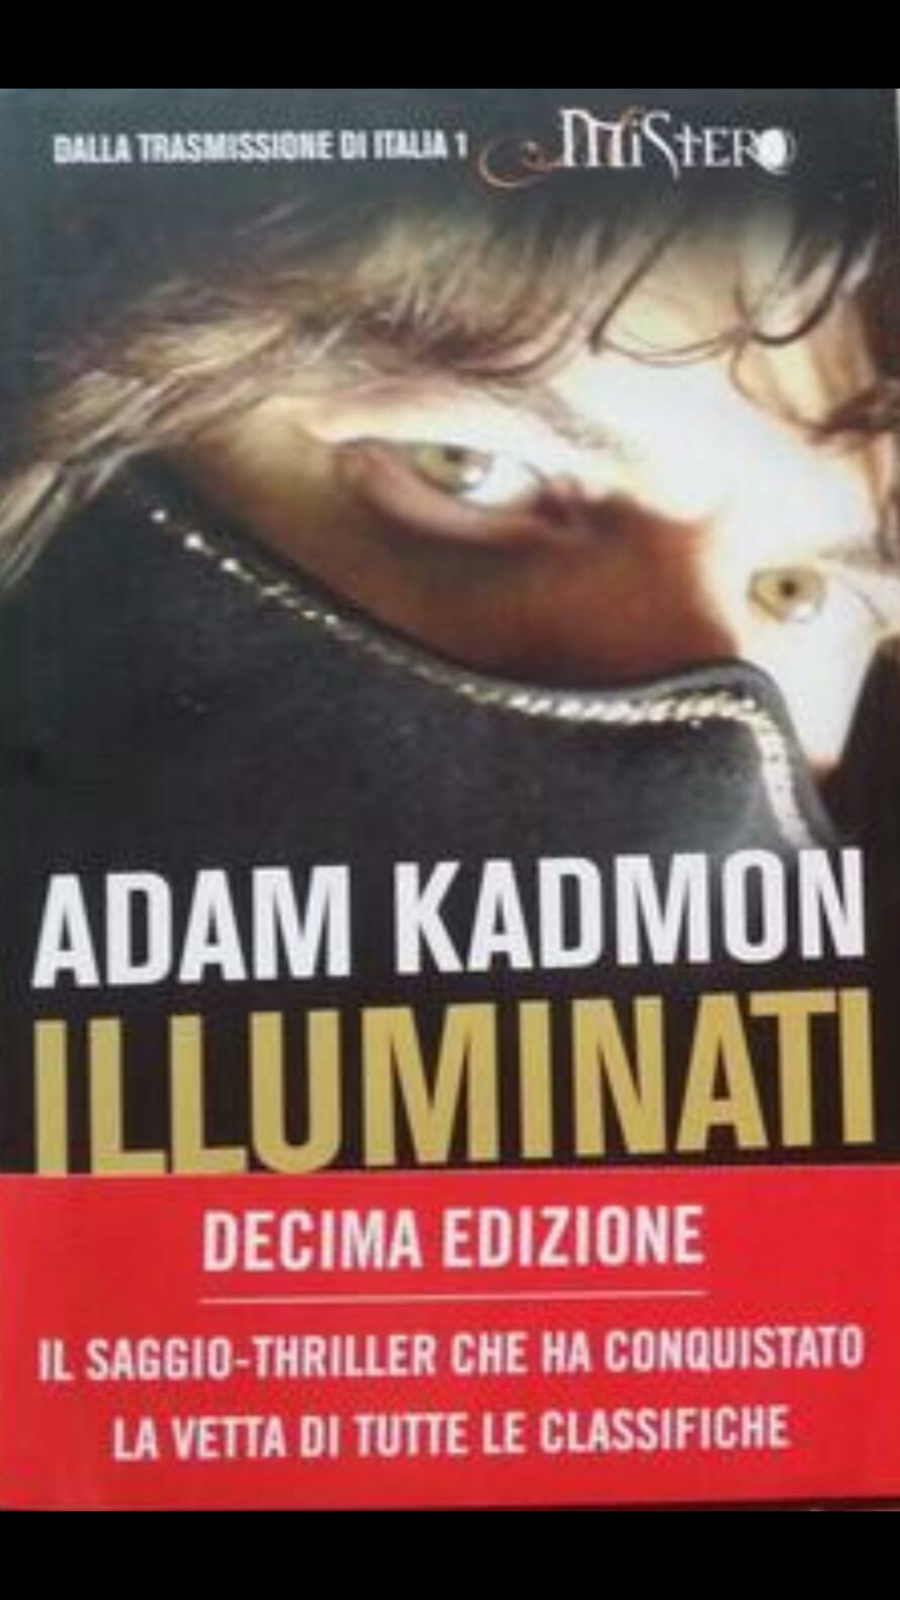 ILLUMINATI : Bestseller scritto da ADAM KADMON (2013).